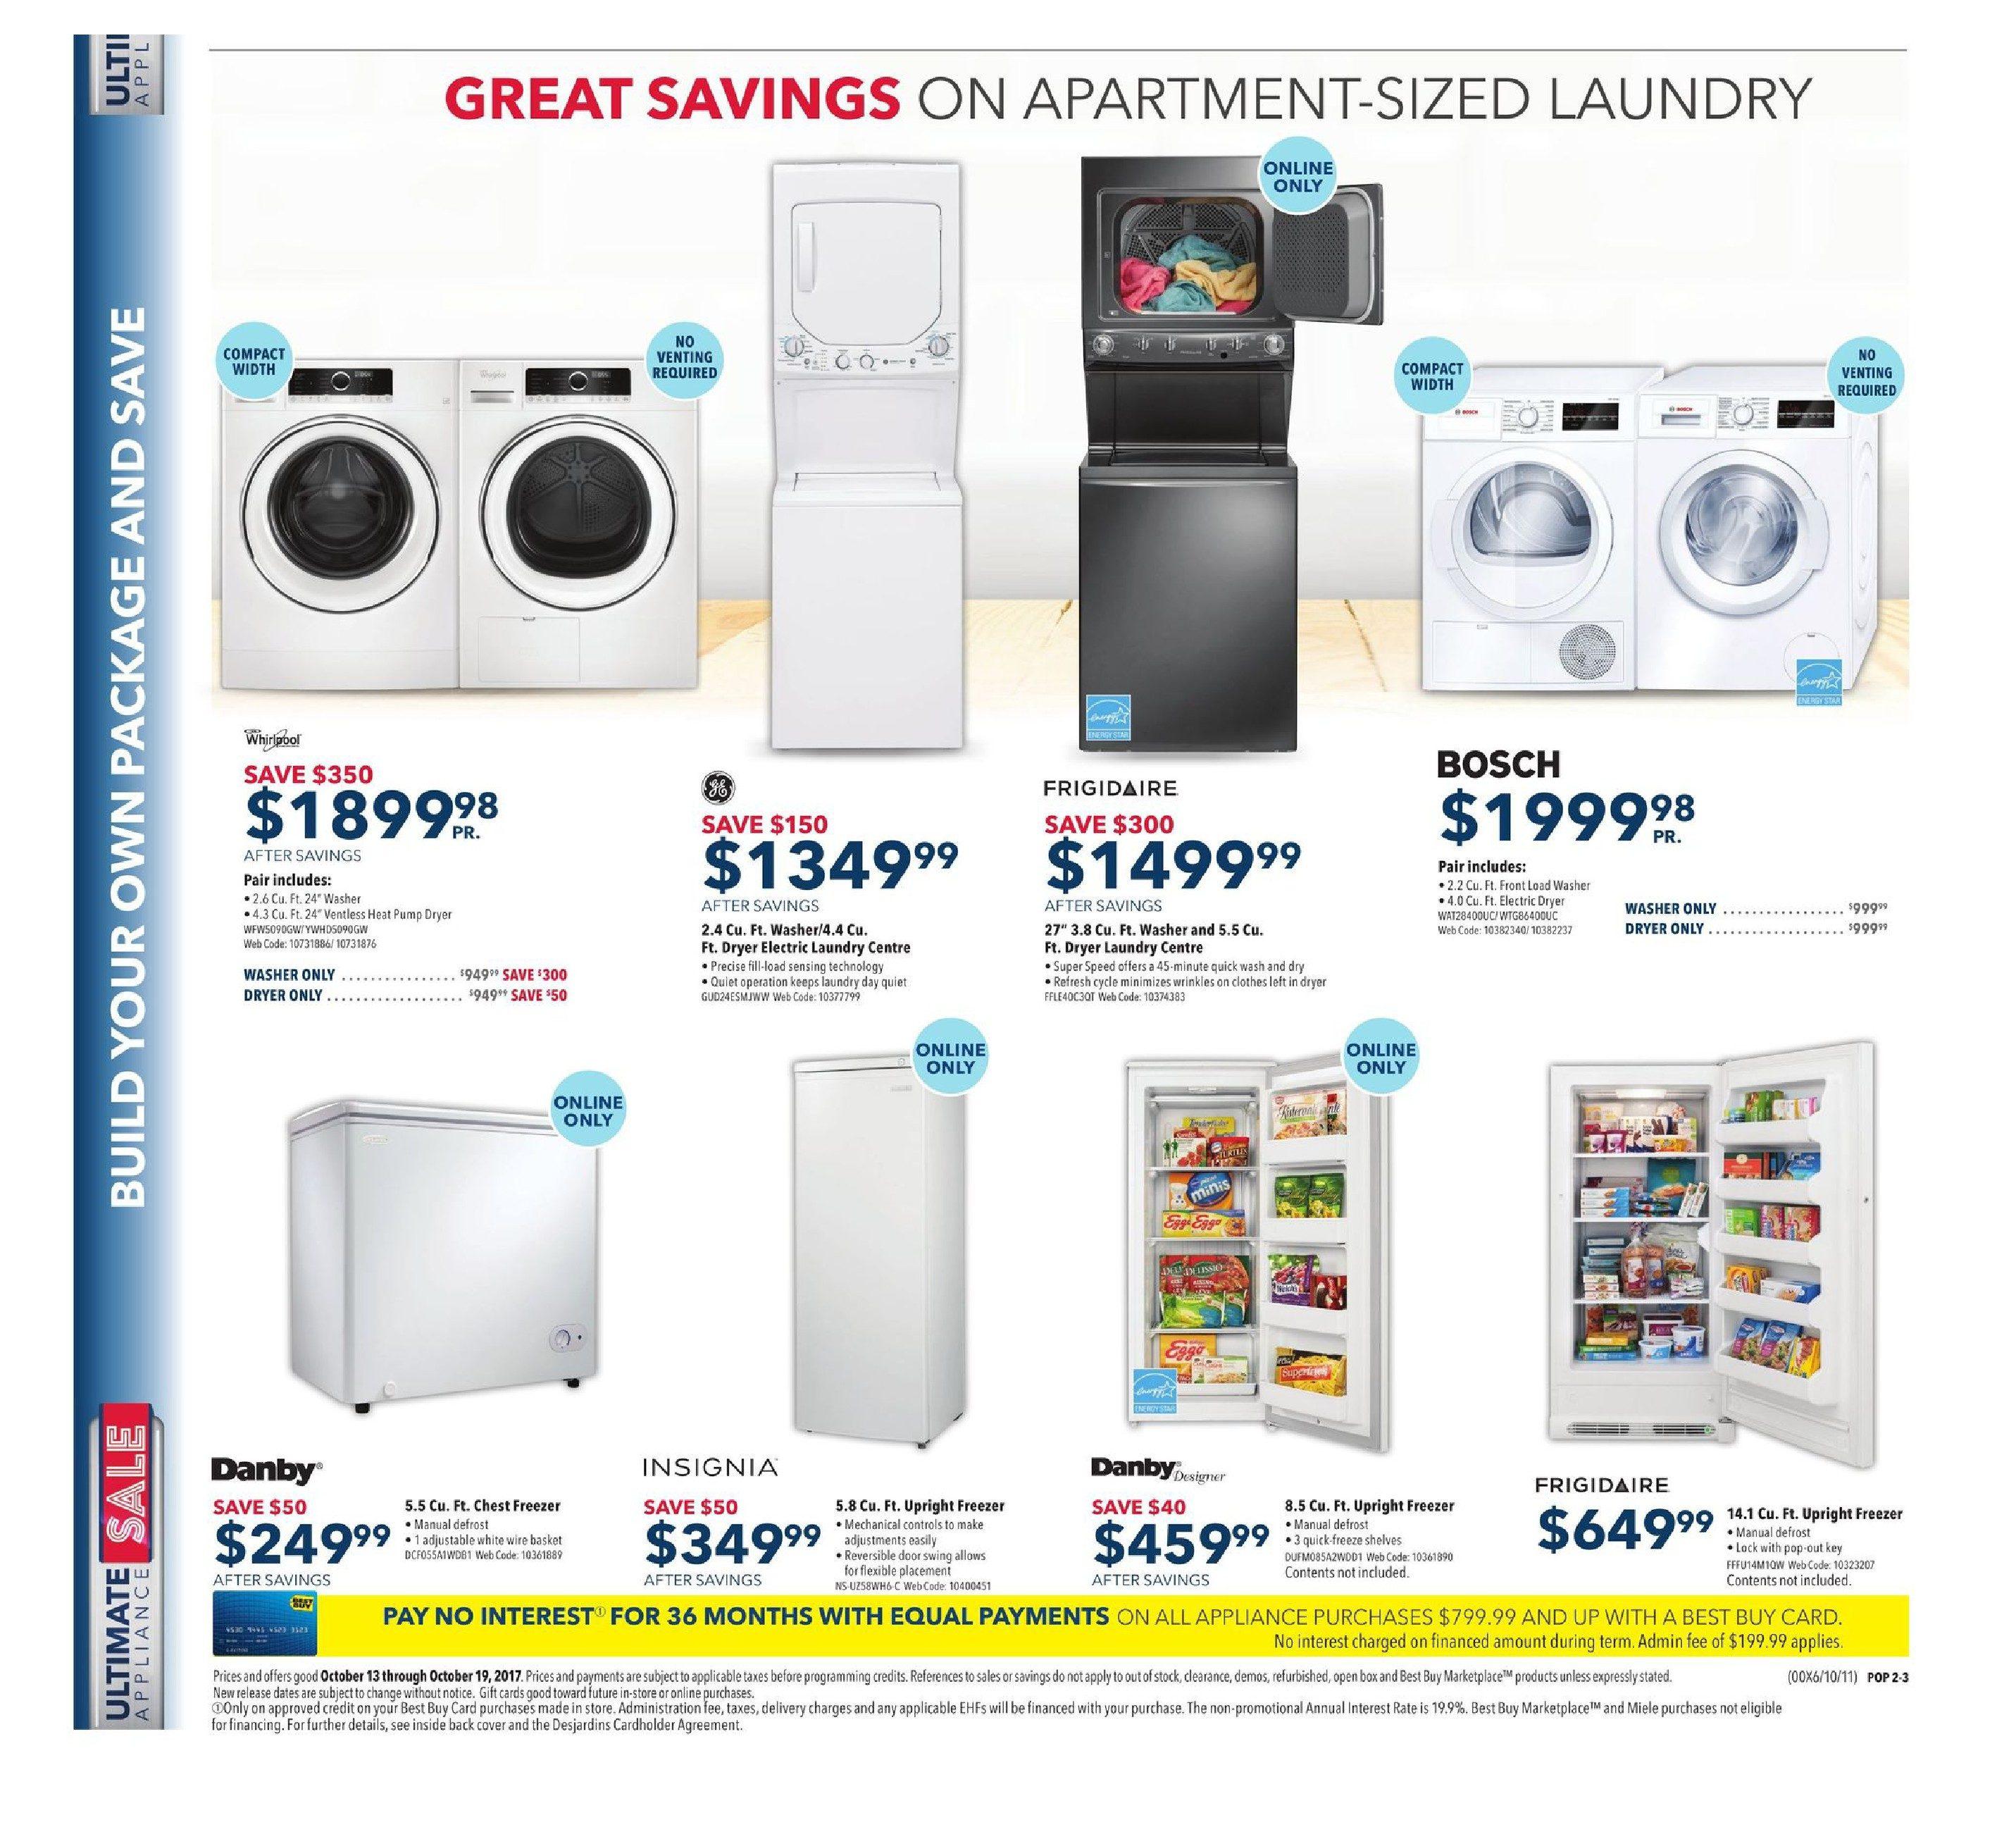 Best buy weekly flyer weekly ultimate appliance sale oct 13 best buy weekly flyer weekly ultimate appliance sale oct 13 19 redflagdeals fandeluxe Image collections